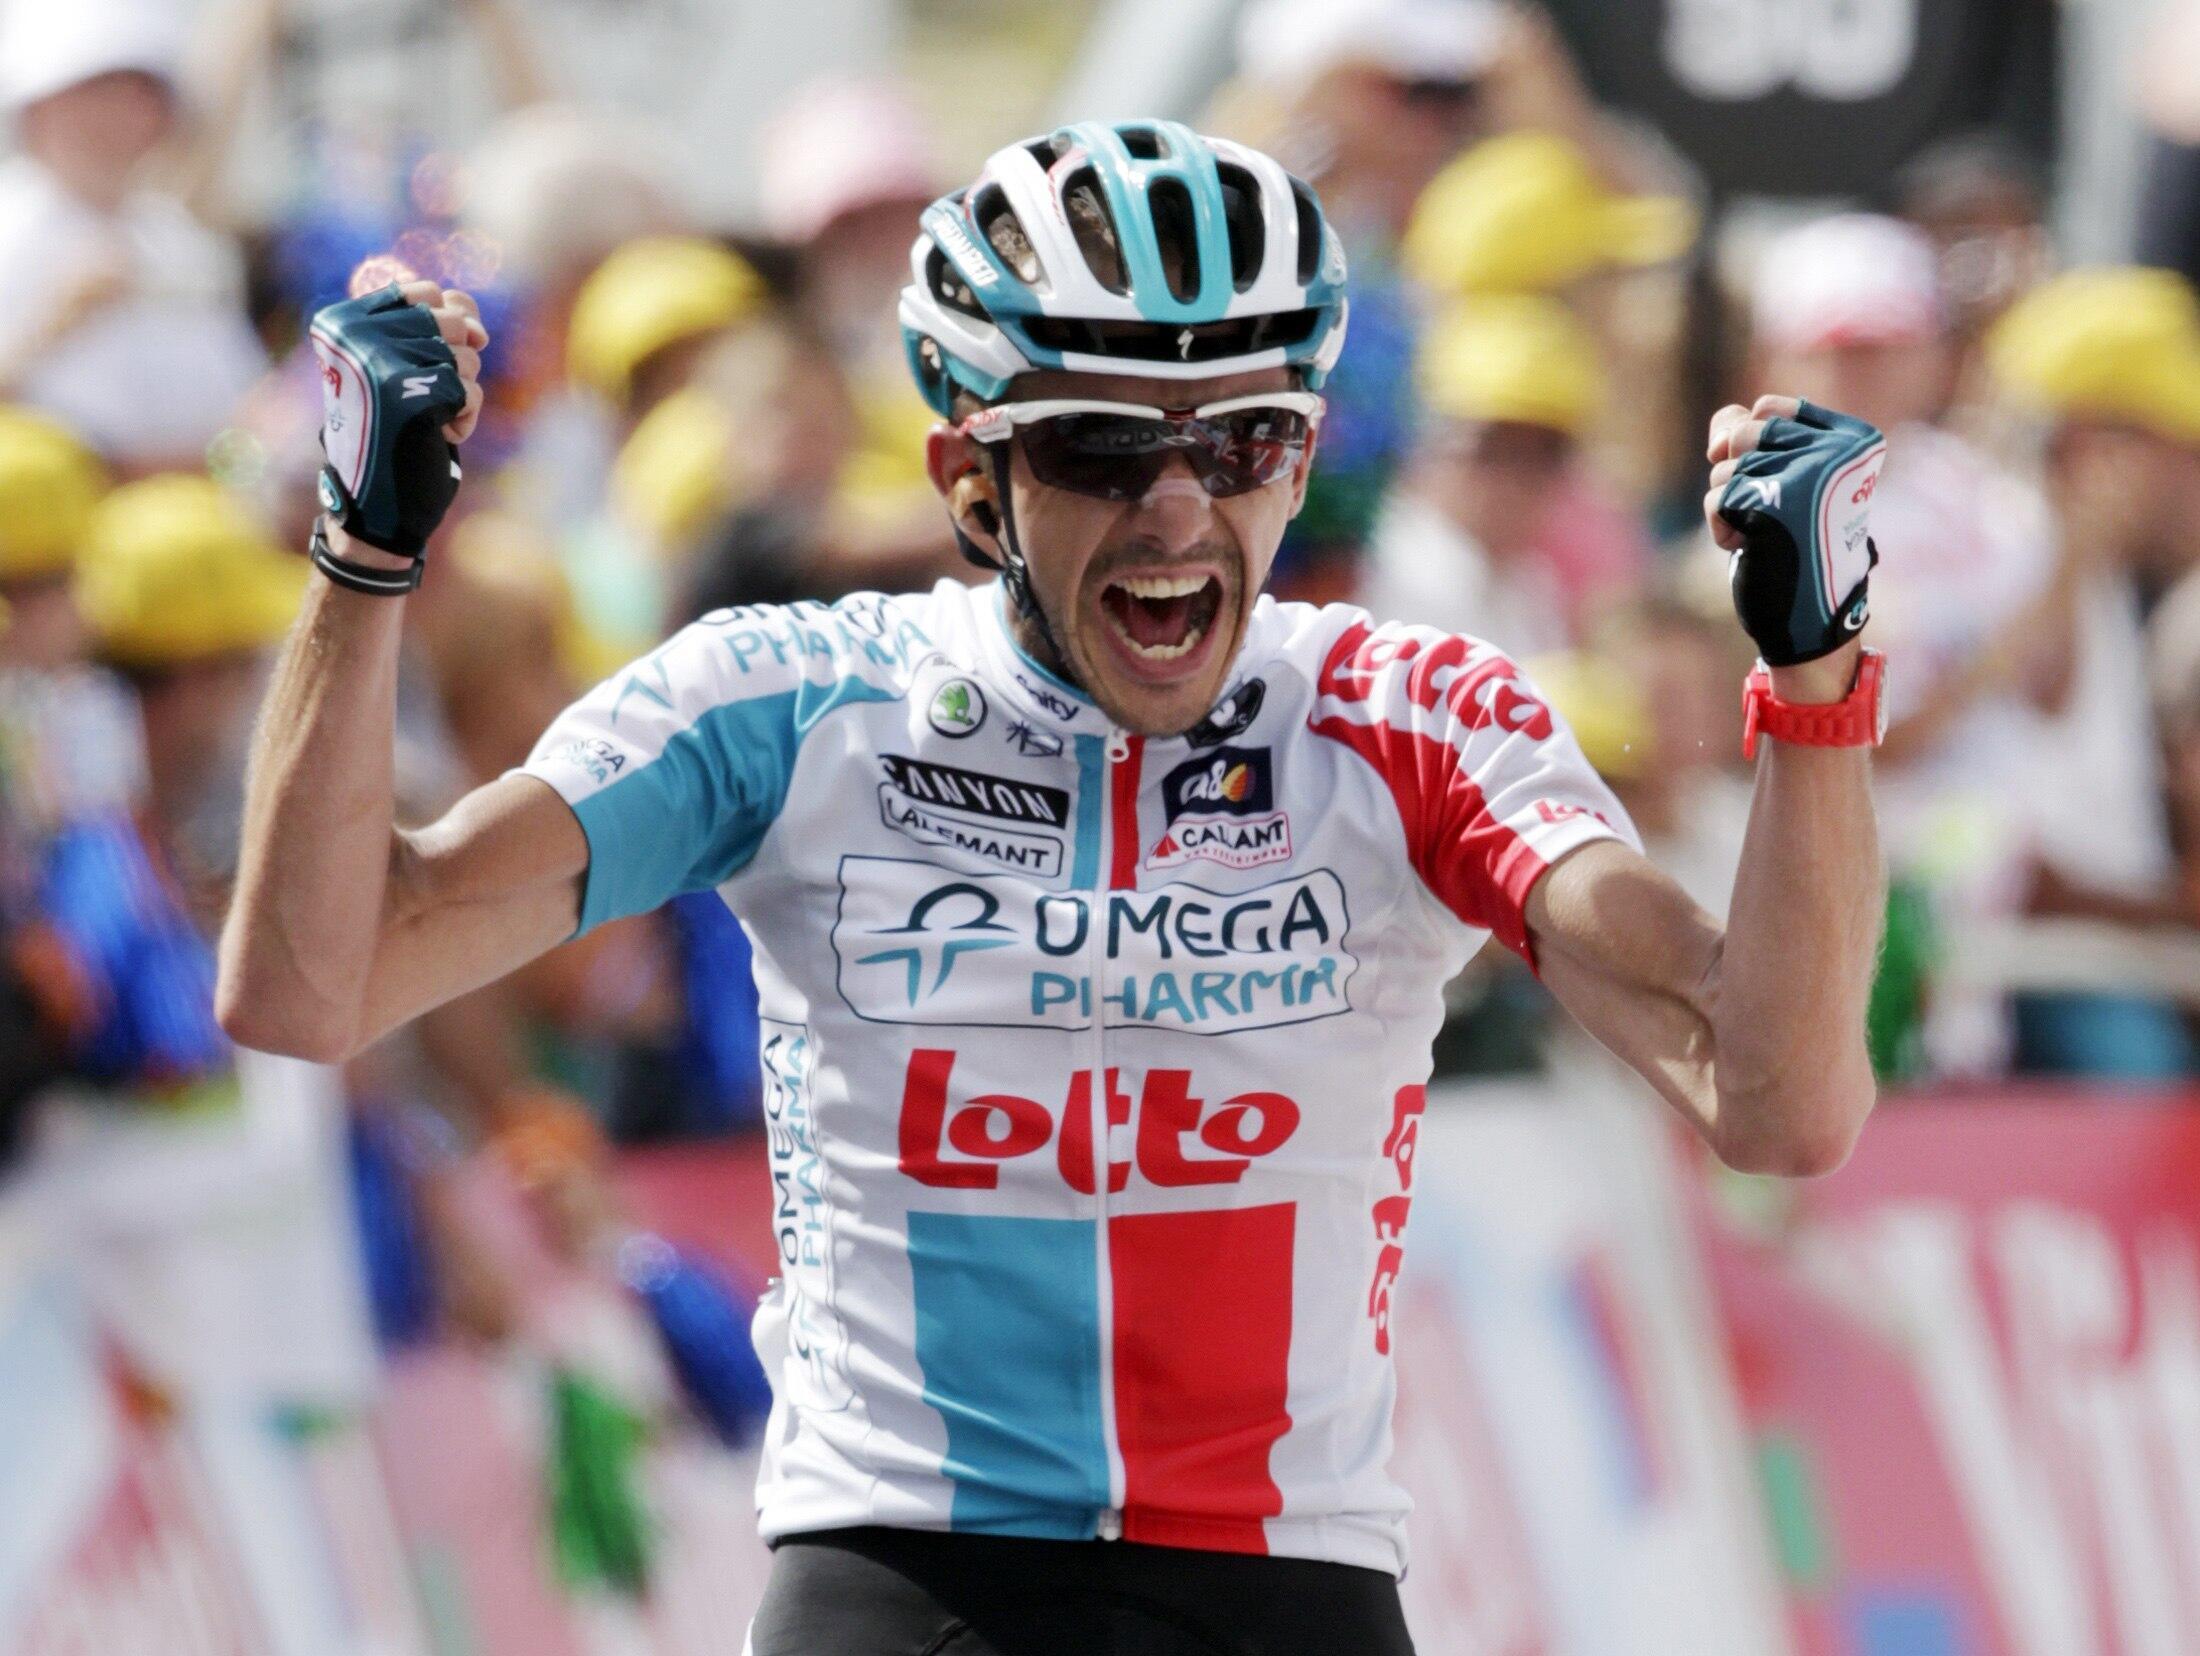 """Бельгиец Йелле Ванендерт - победитель 14 этапа """"Тур де Франс"""" в субботу 16 июля 2011."""